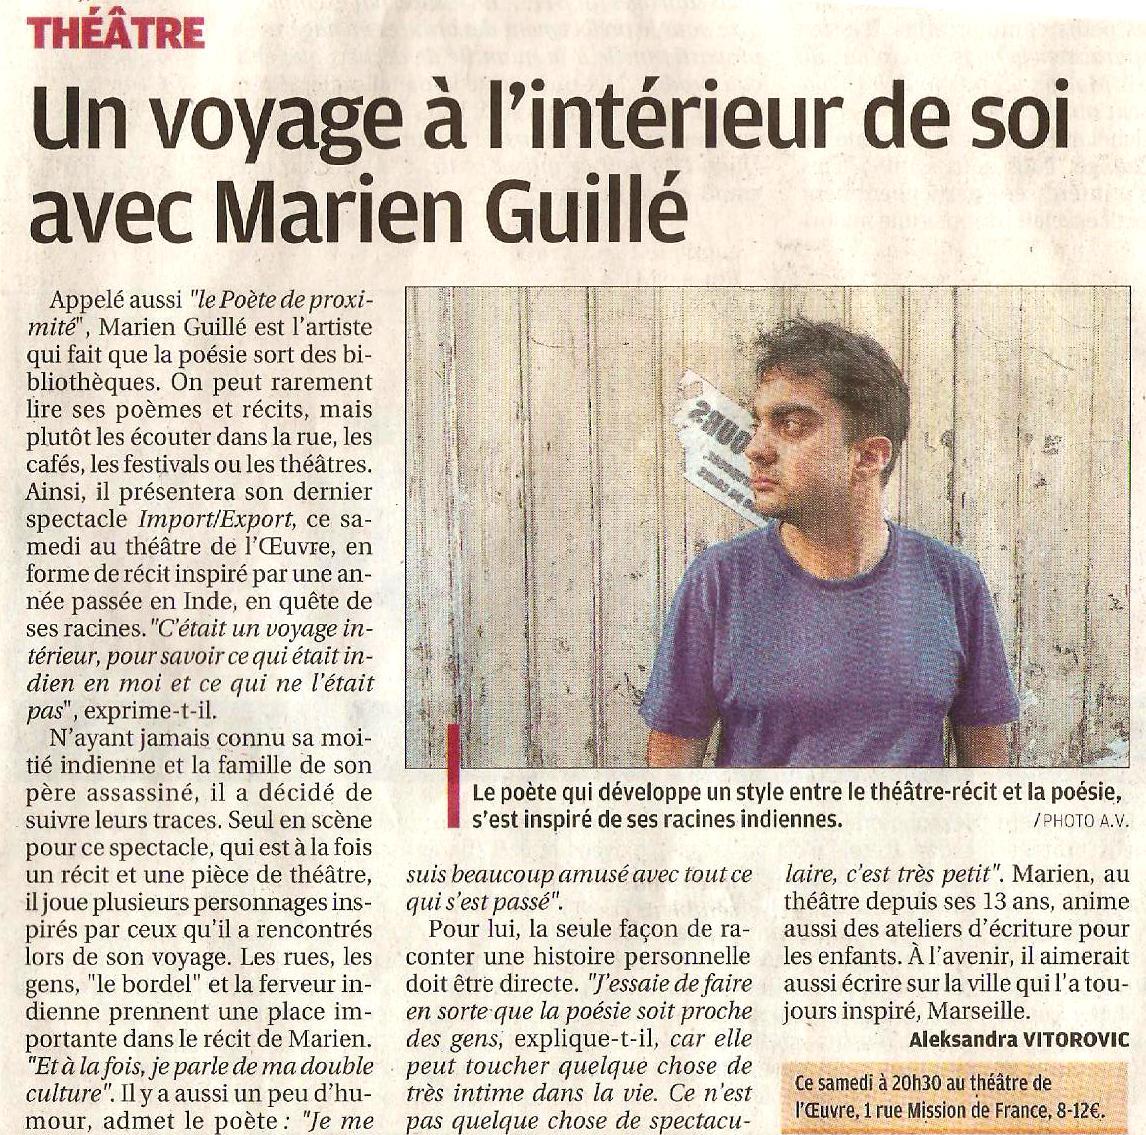 Un voyage à l'intérieur de soi avec Marien Guillé